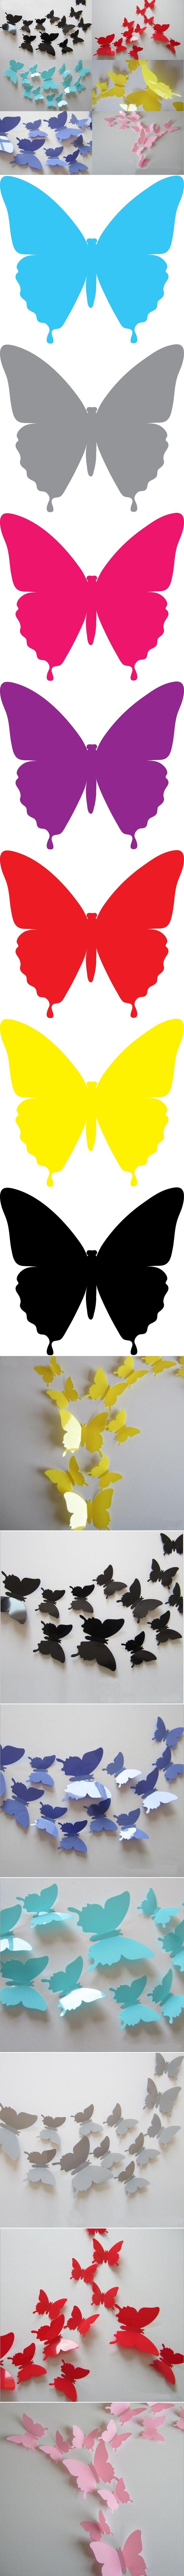 Statt Schmetterlinge Im Bauch Lieber An Die Wand Pinnen Sieht